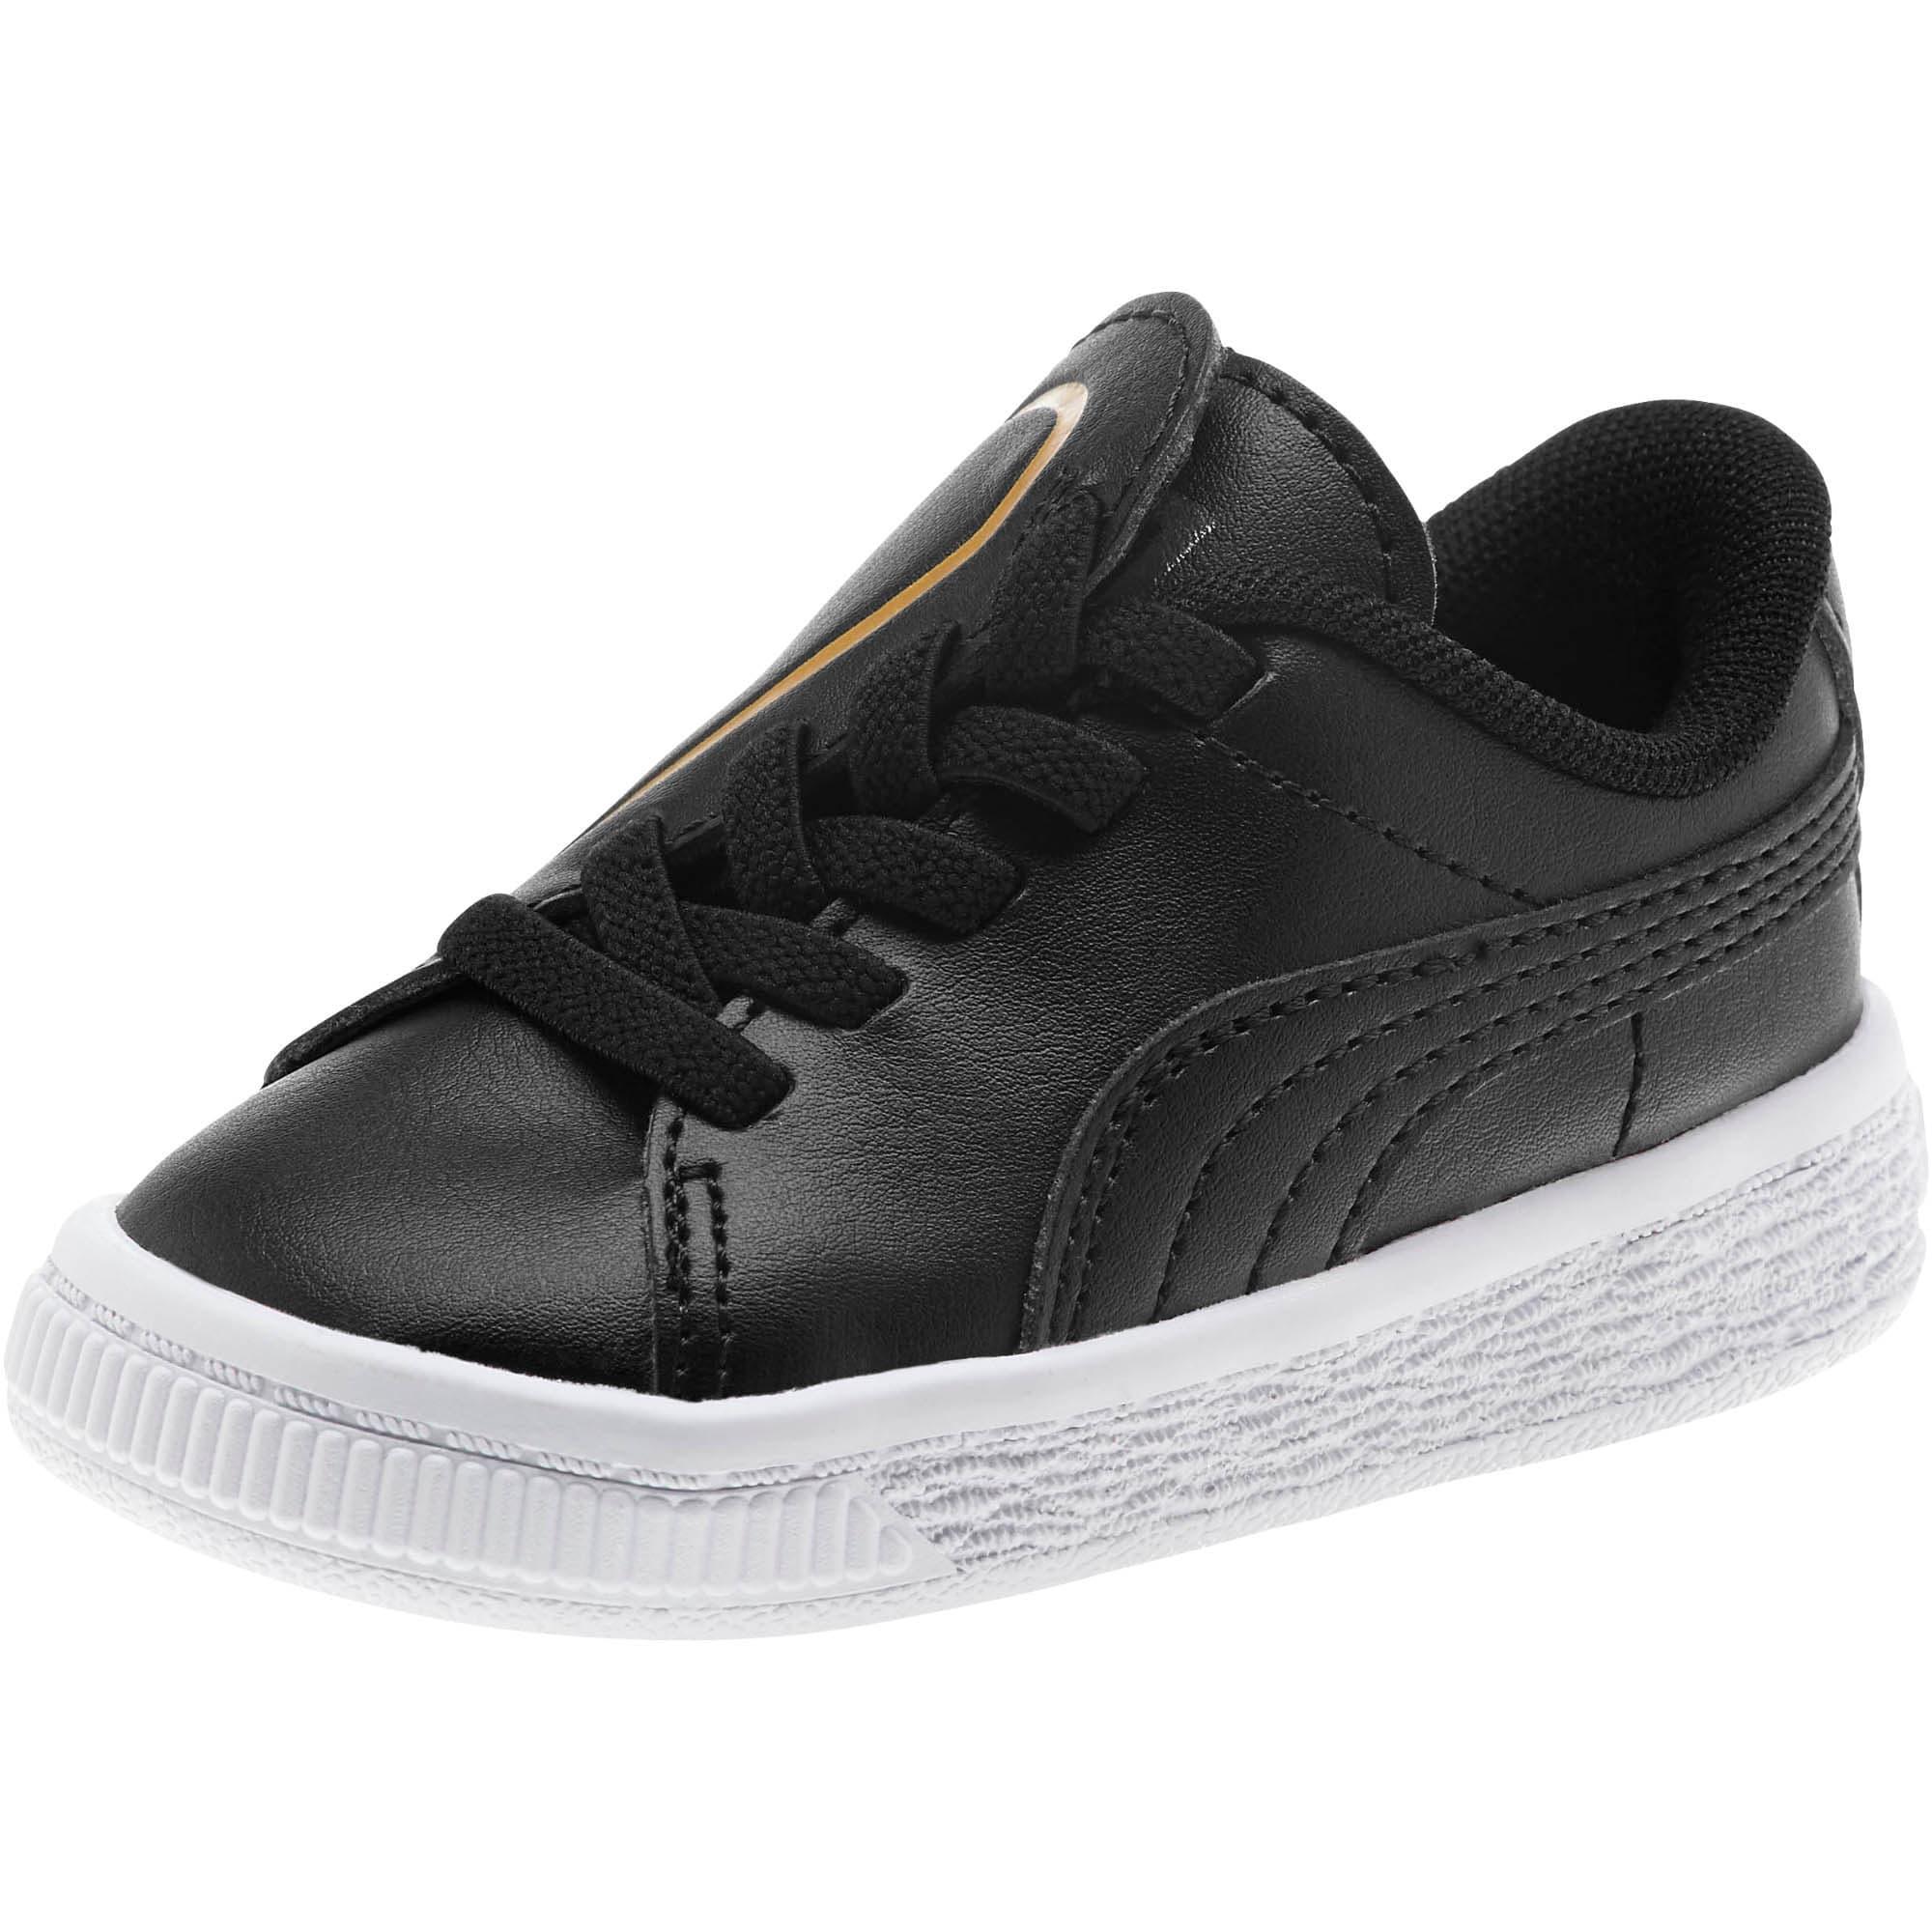 Miniatura 1 de Zapatos Basket Crush AC para bebés, Puma Black-Puma Team Gold, mediano